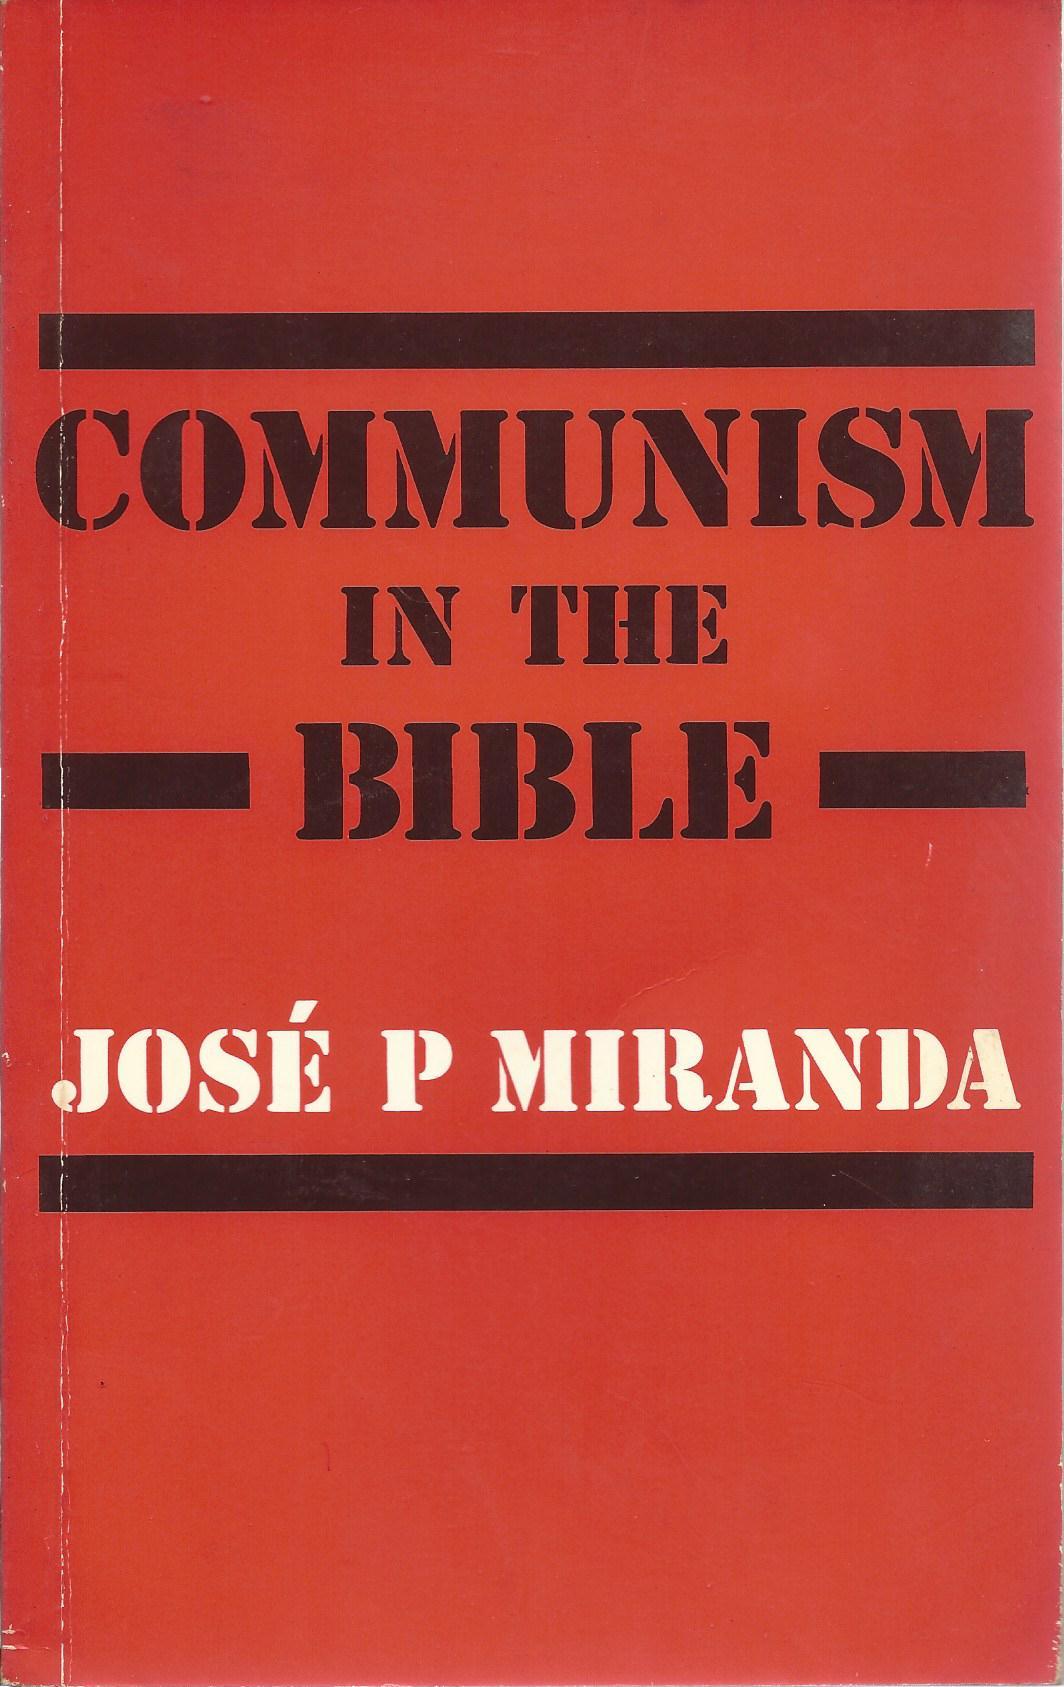 communism-in-the-bible-primera-edici%c2%a2n-scm-press-1982